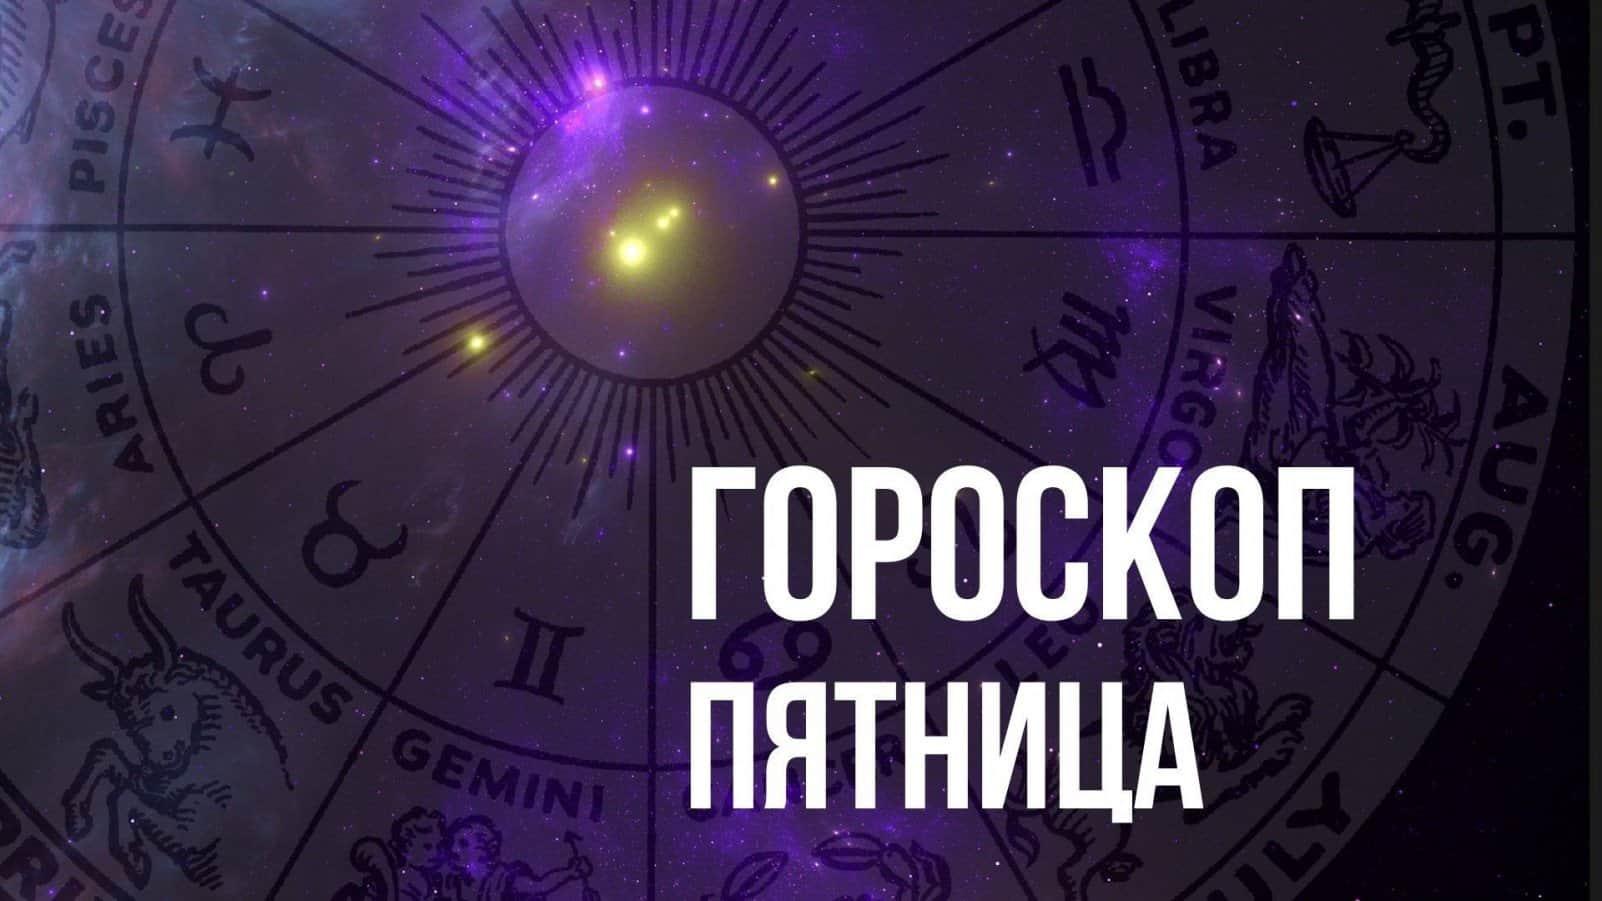 Гороскоп на пятницу 11 июня для каждого знака Зодиака